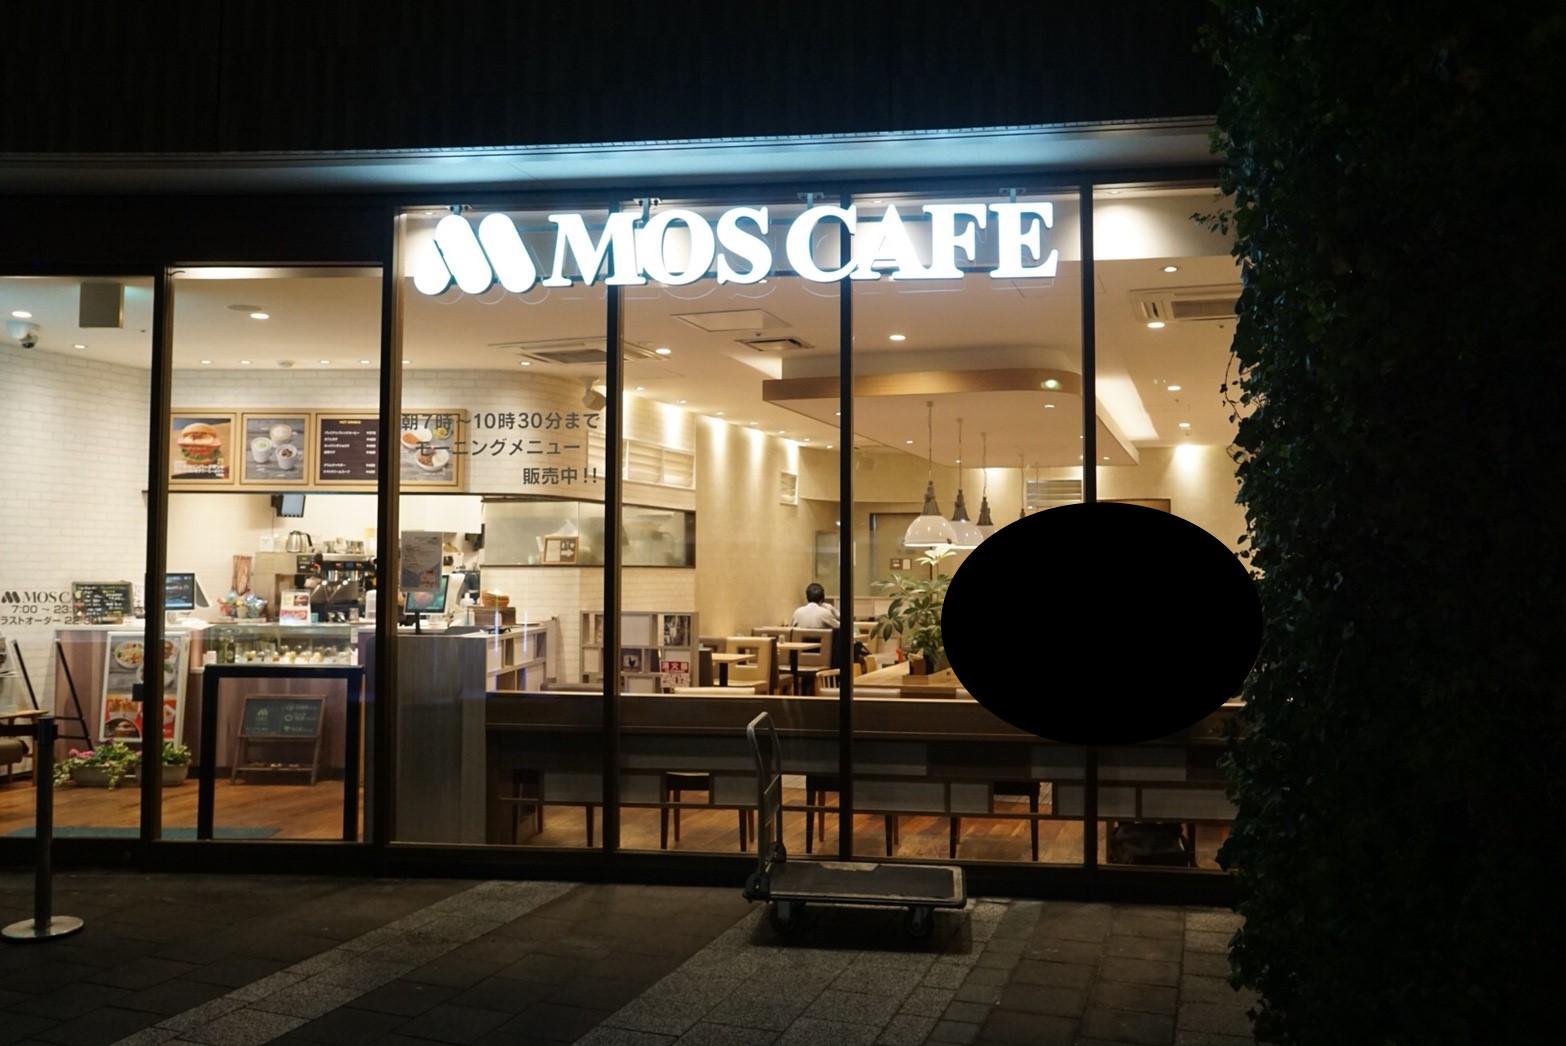 モスカフェ